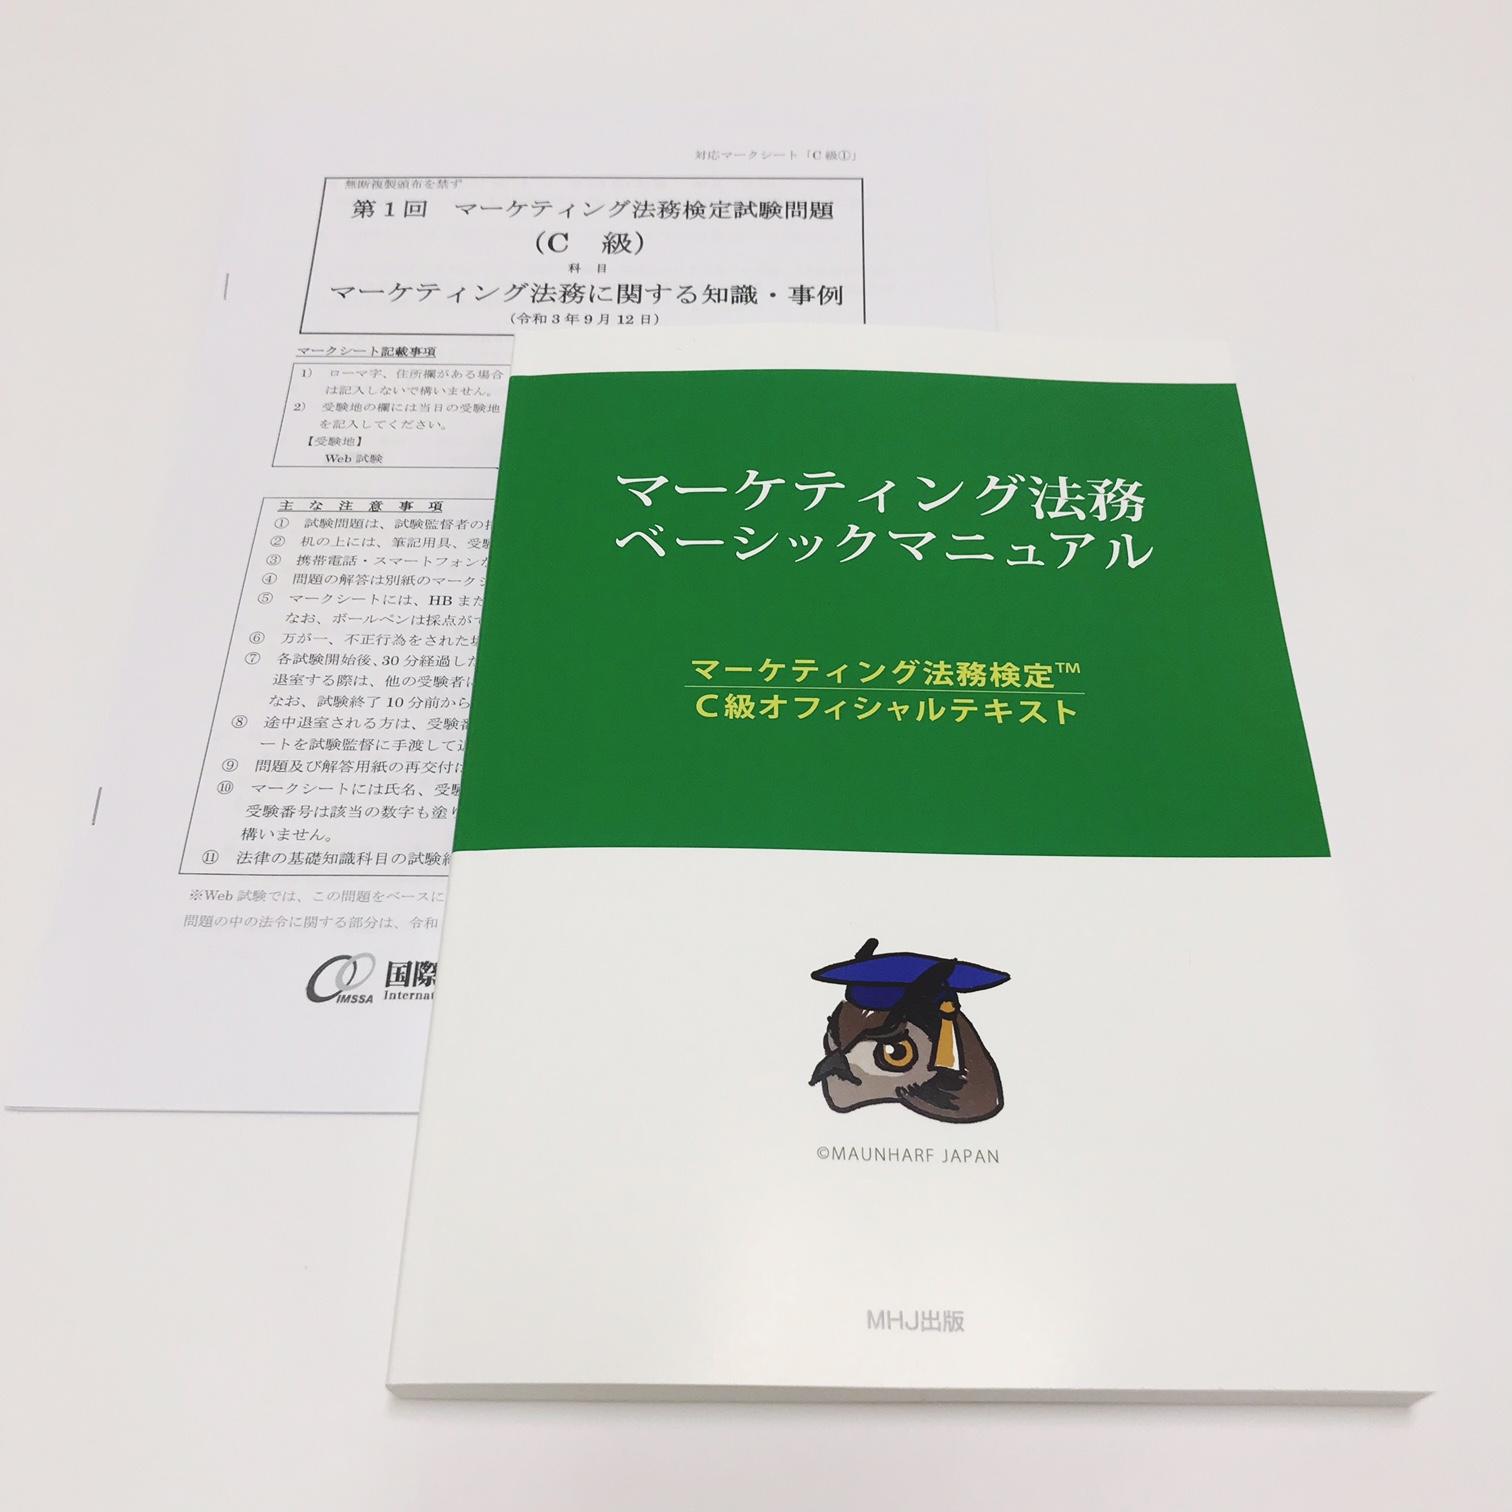 マーケティング法務検定ベーシックセット1